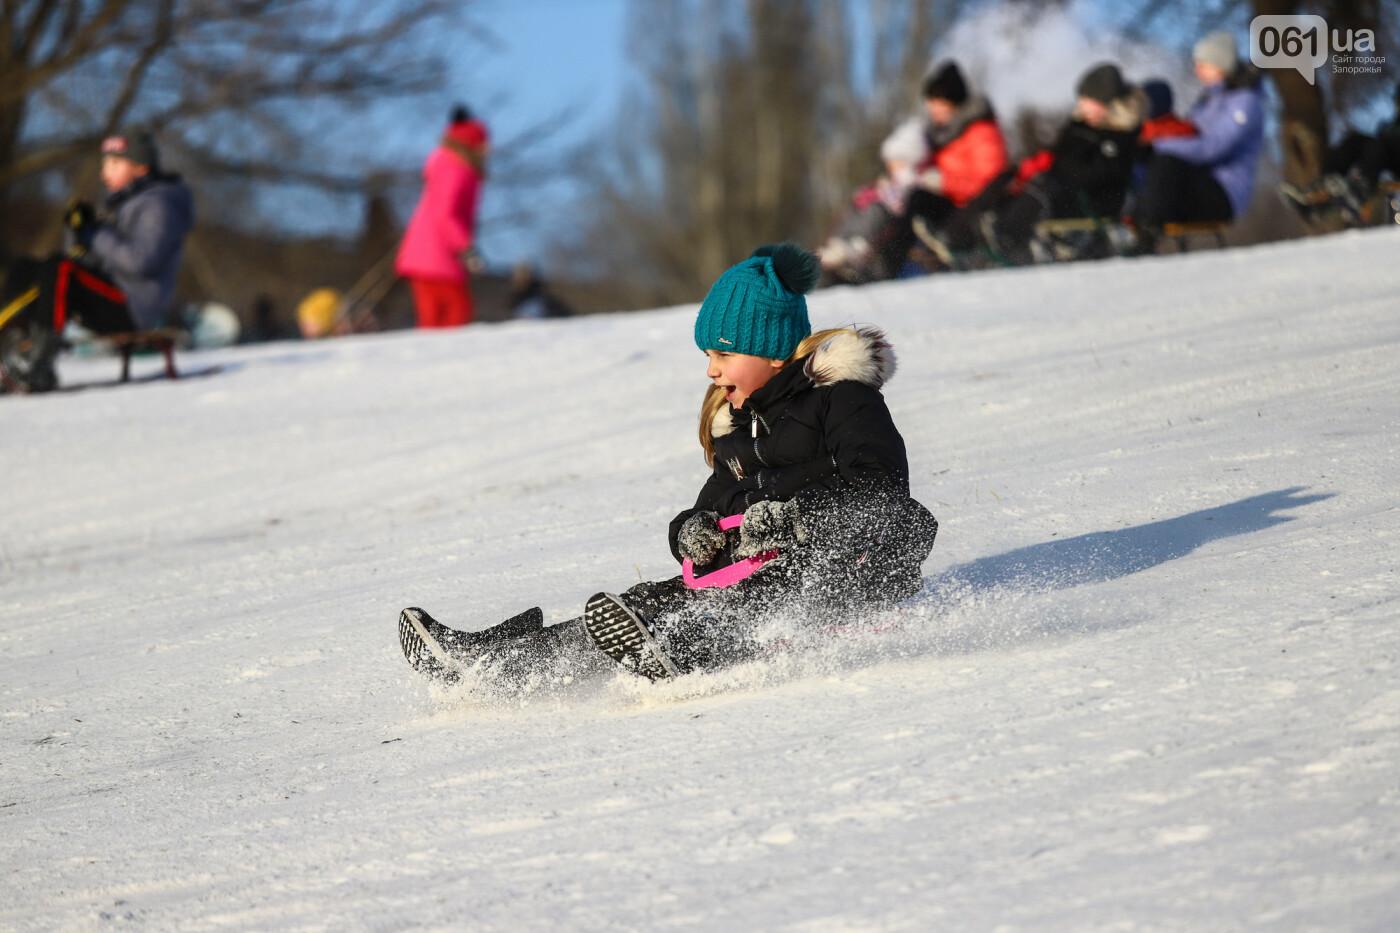 На санках, лыжах и сноуборде: запорожцы устроили массовое катание с горок в Вознесеновском парке, - ФОТОРЕПОРТАЖ, фото-65